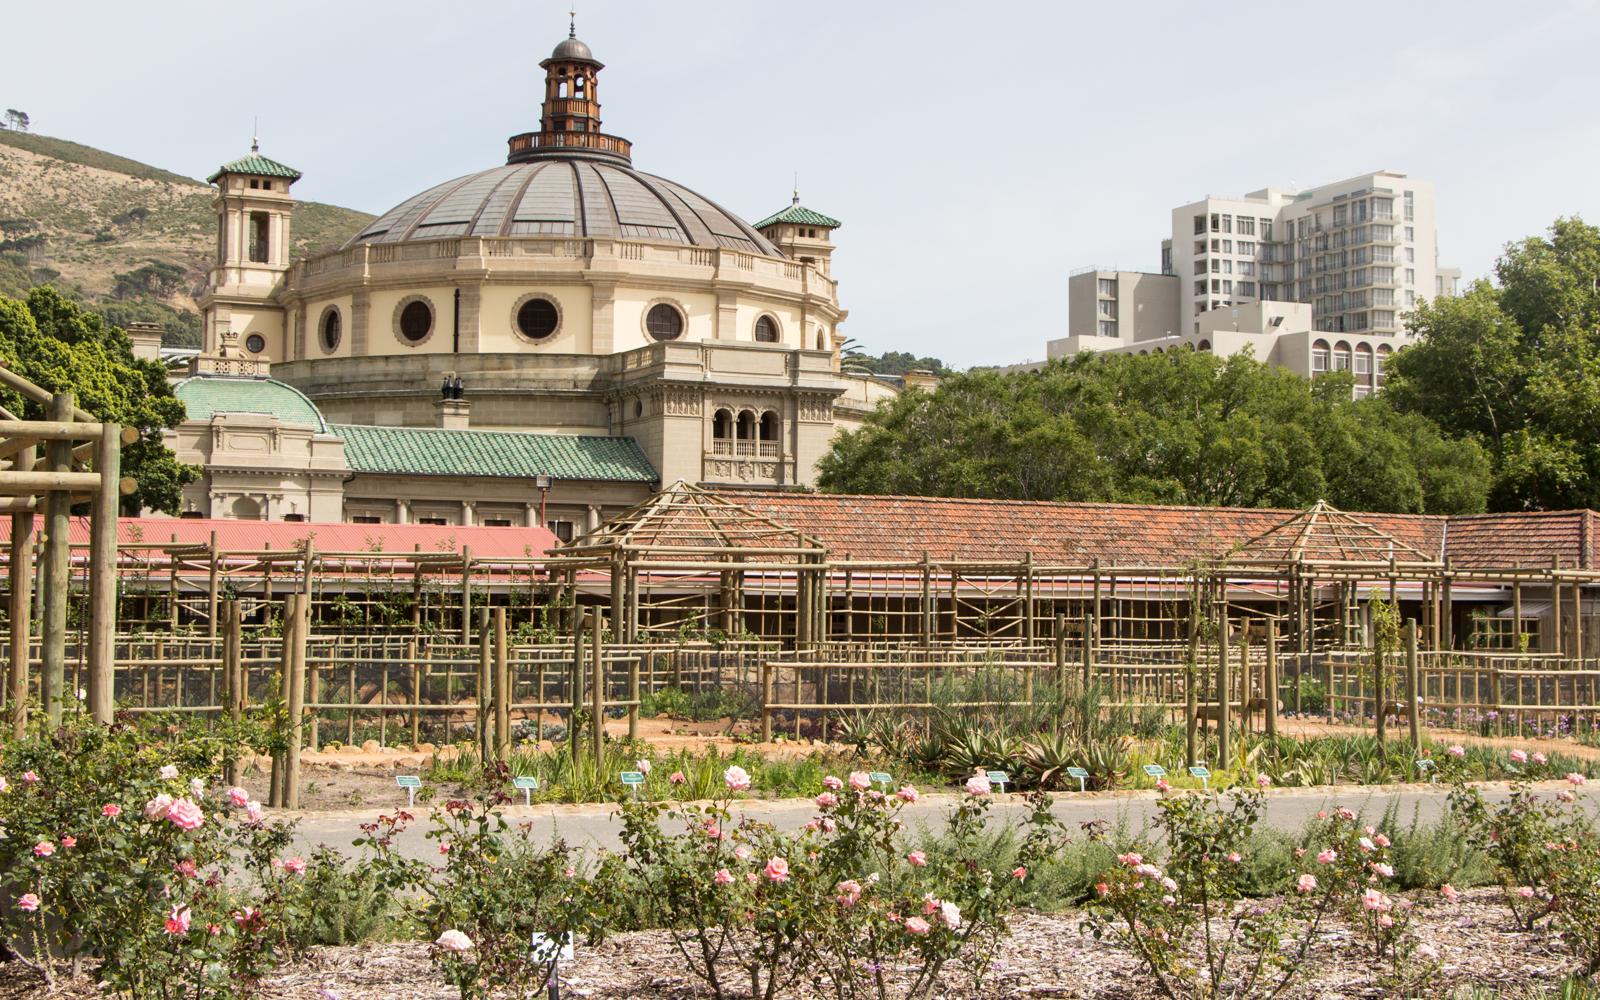 Kapstadt Sehenswürdigkeiten Rosenzucht Companys Garden